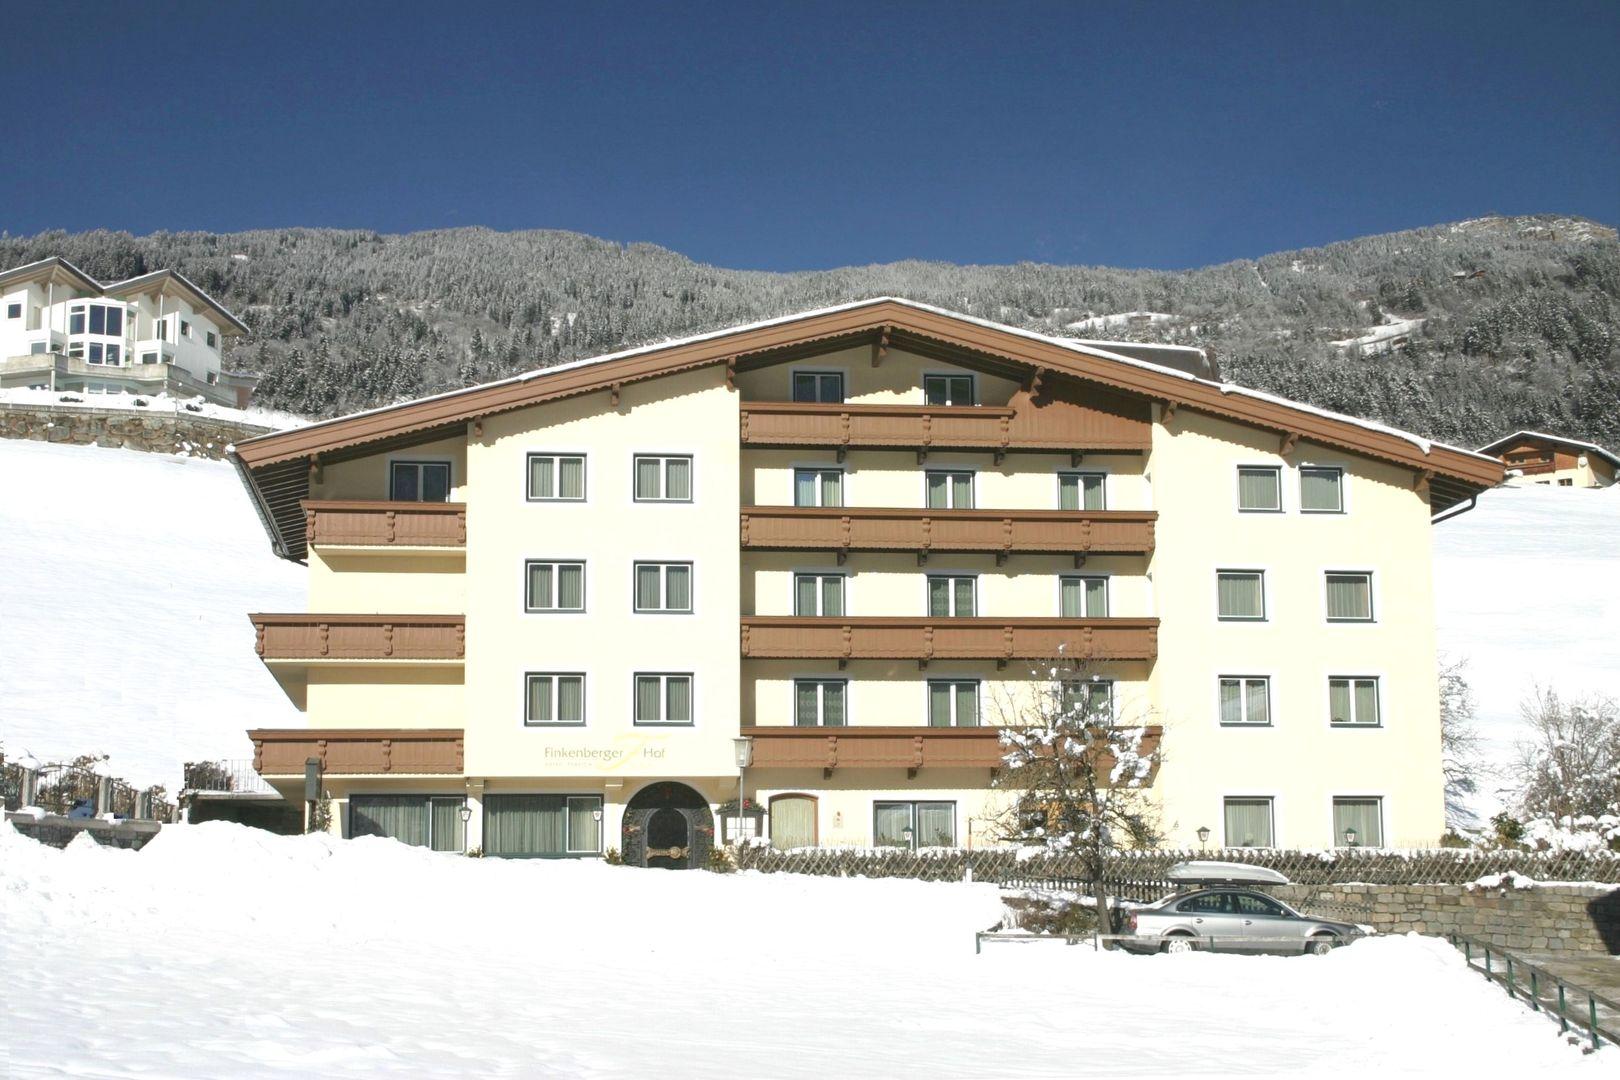 Finkenberg - Hotel Finkenbergerhof